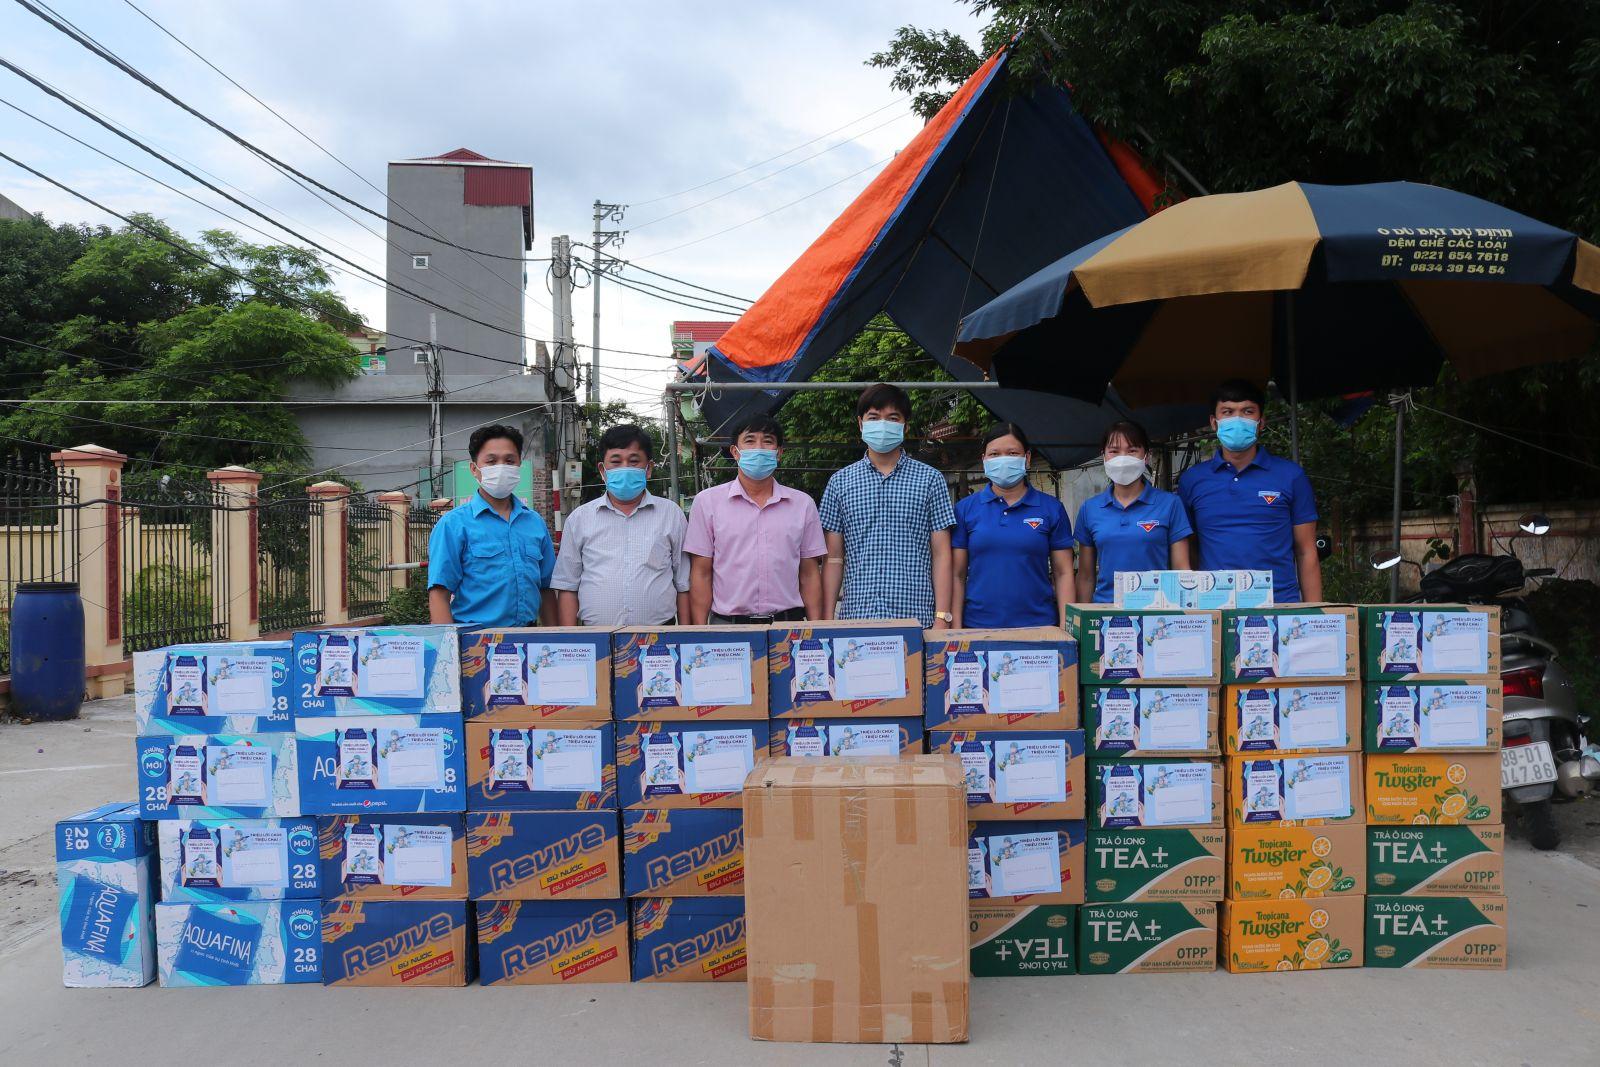 Văn phòng Hội Liên hiệp thanh niên Việt Nam tỉnh, Câu lạc bộ thầy thuốc trẻ tỉnh Hưng Yên thăm và tặng quà các chốt kiểm dịch xã Thọ Vinh, huyện Kim Động.